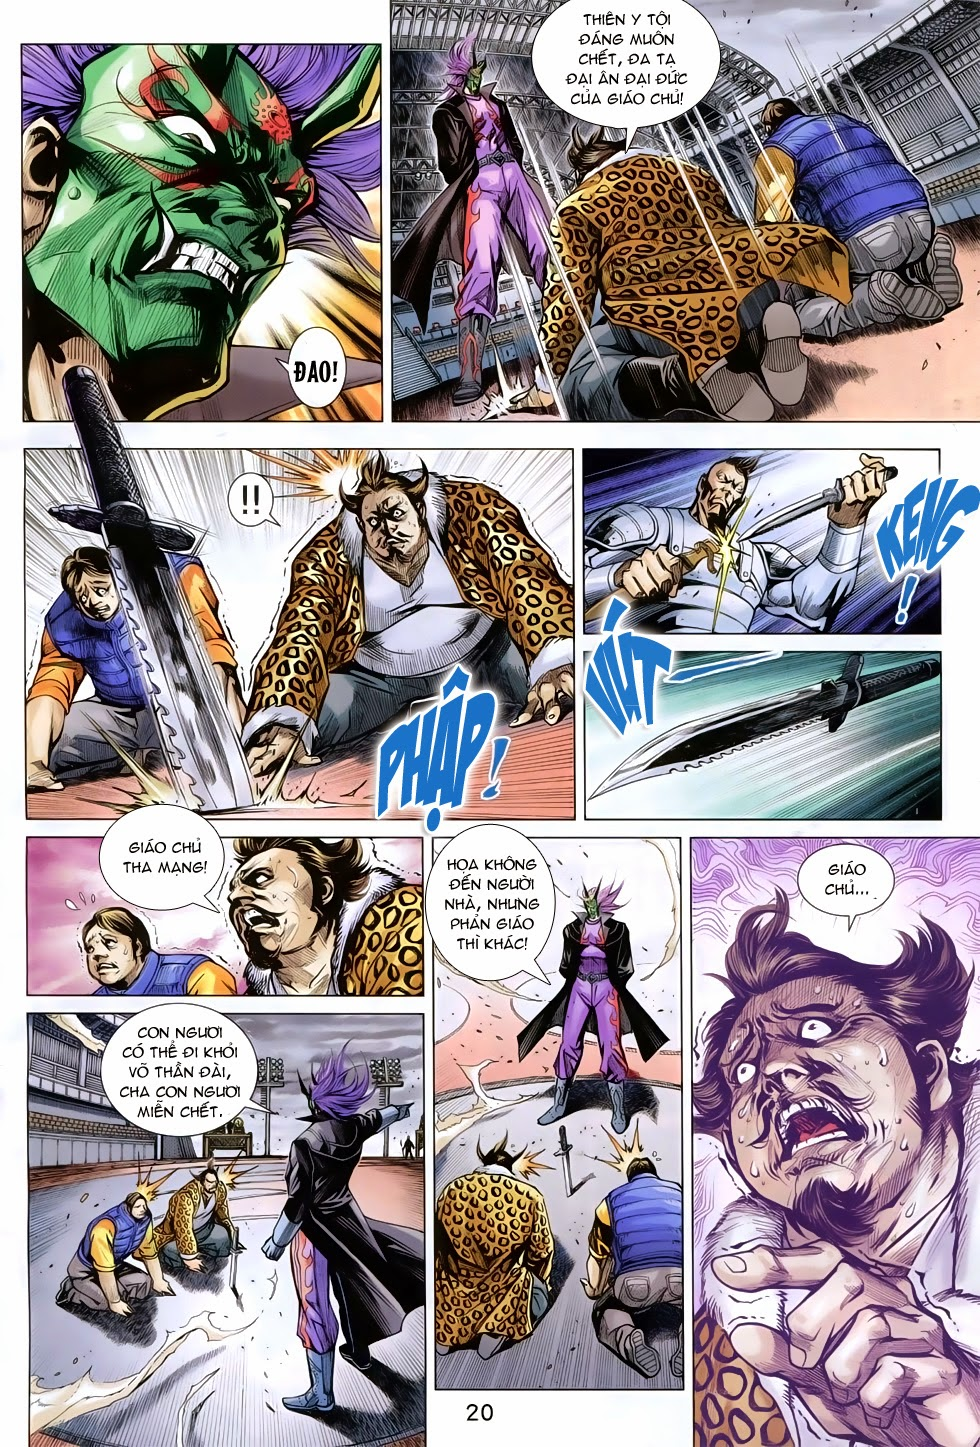 Tân Tác Long Hổ Môn trang 20